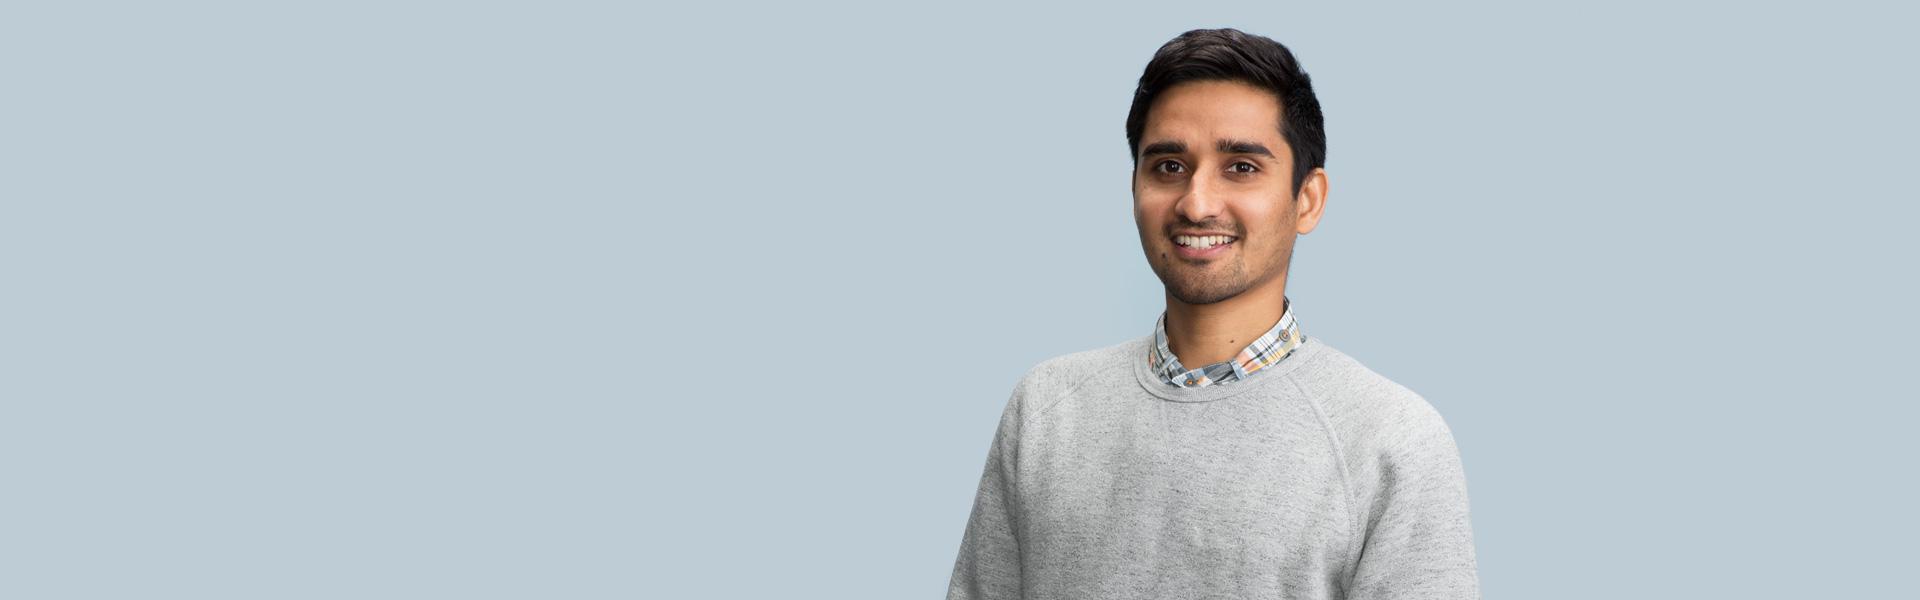 Nitish, UX Designer at Microsoft